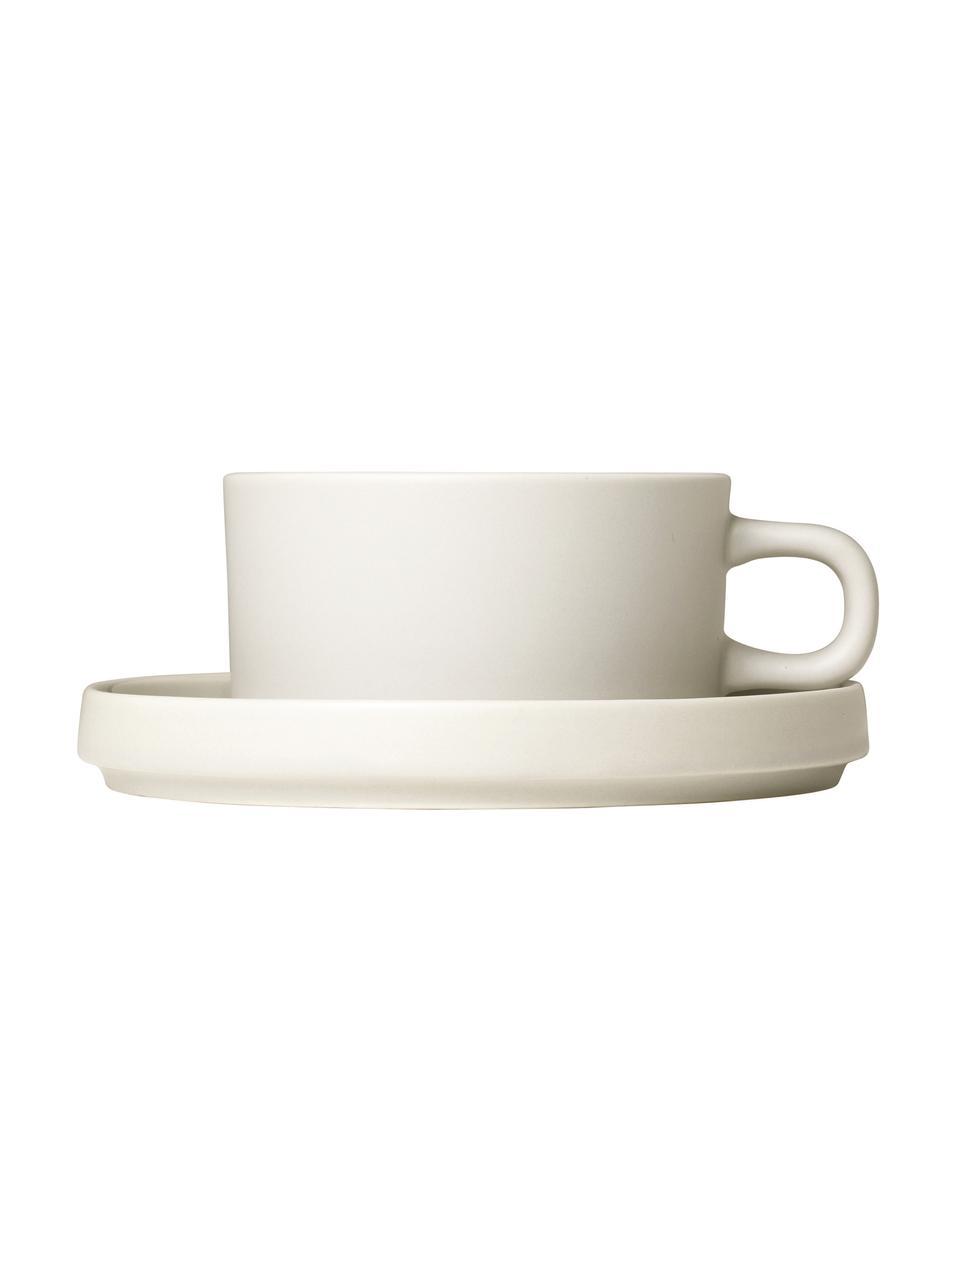 Tasse beige mat/brillant Pilar, 2 pièces, Blanc crème